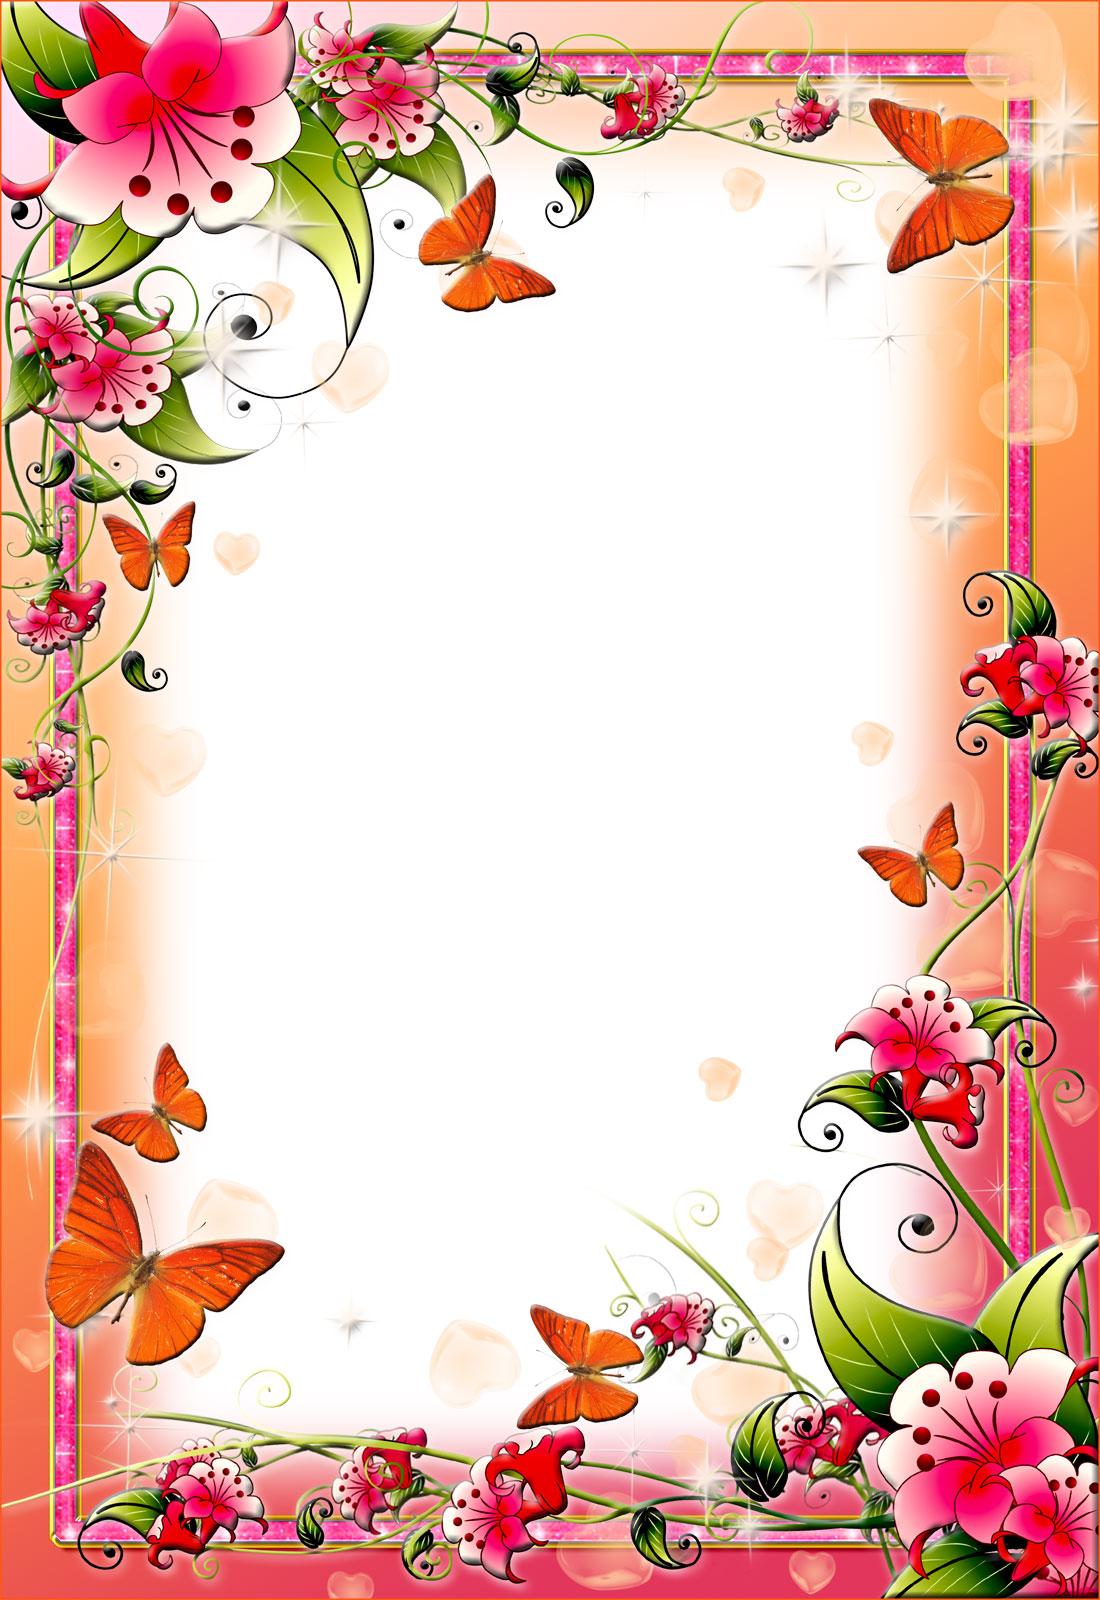 12 flower frame border design images flower border